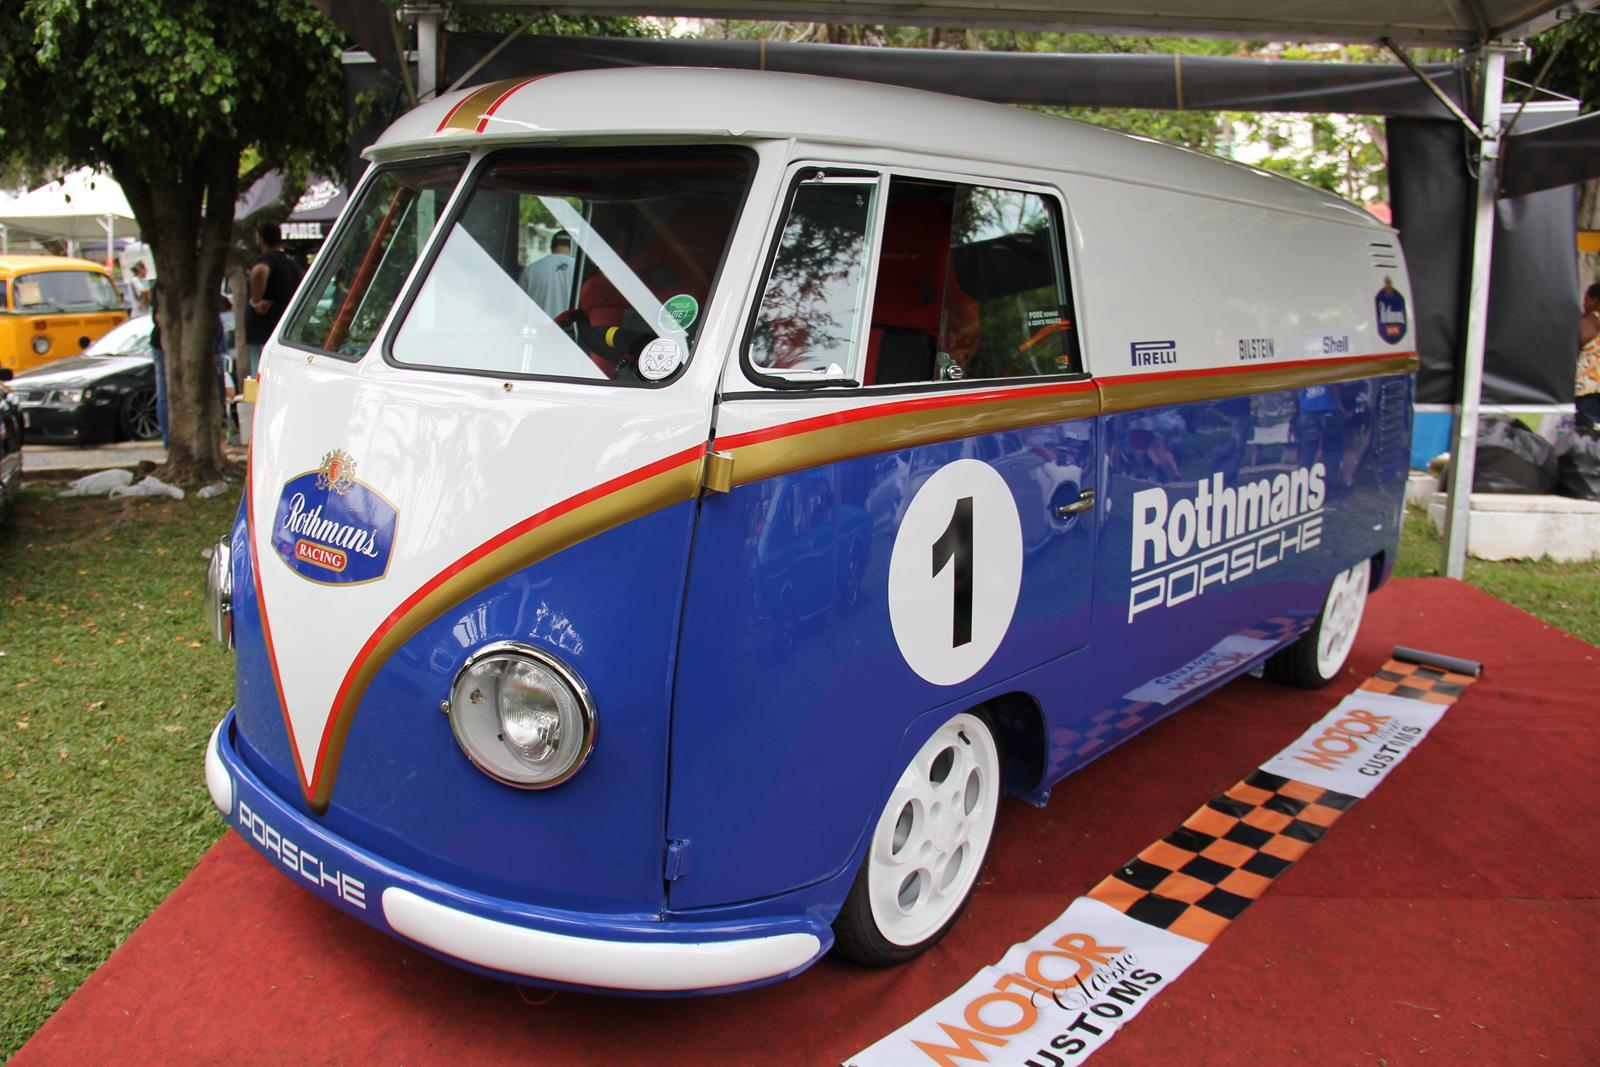 Kombi personalizada com as cores da equipe Rothmans da F-1